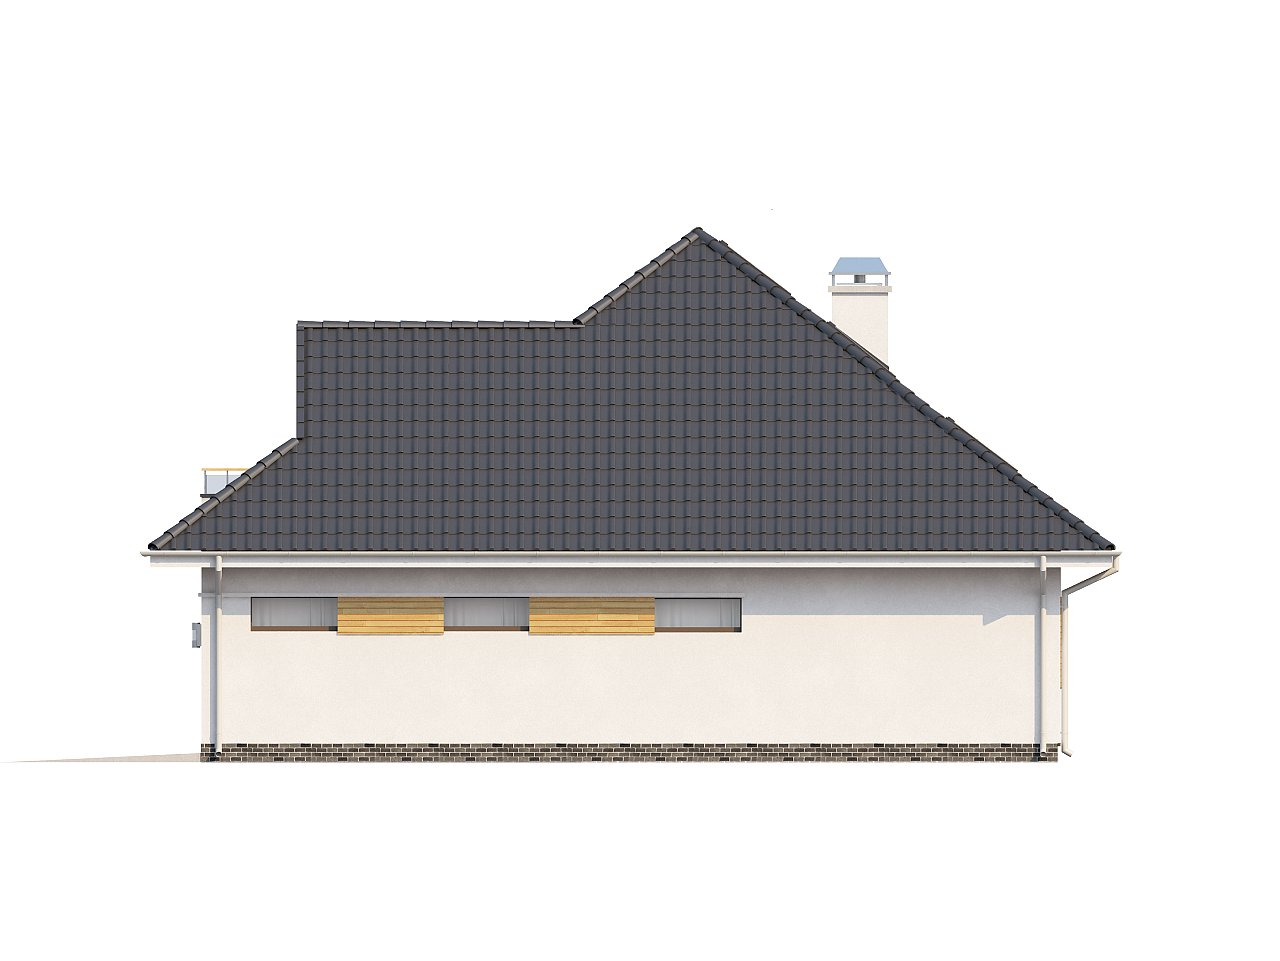 Красивый и функциональный дом с боковой террасой и необычным мансардным окном. 6